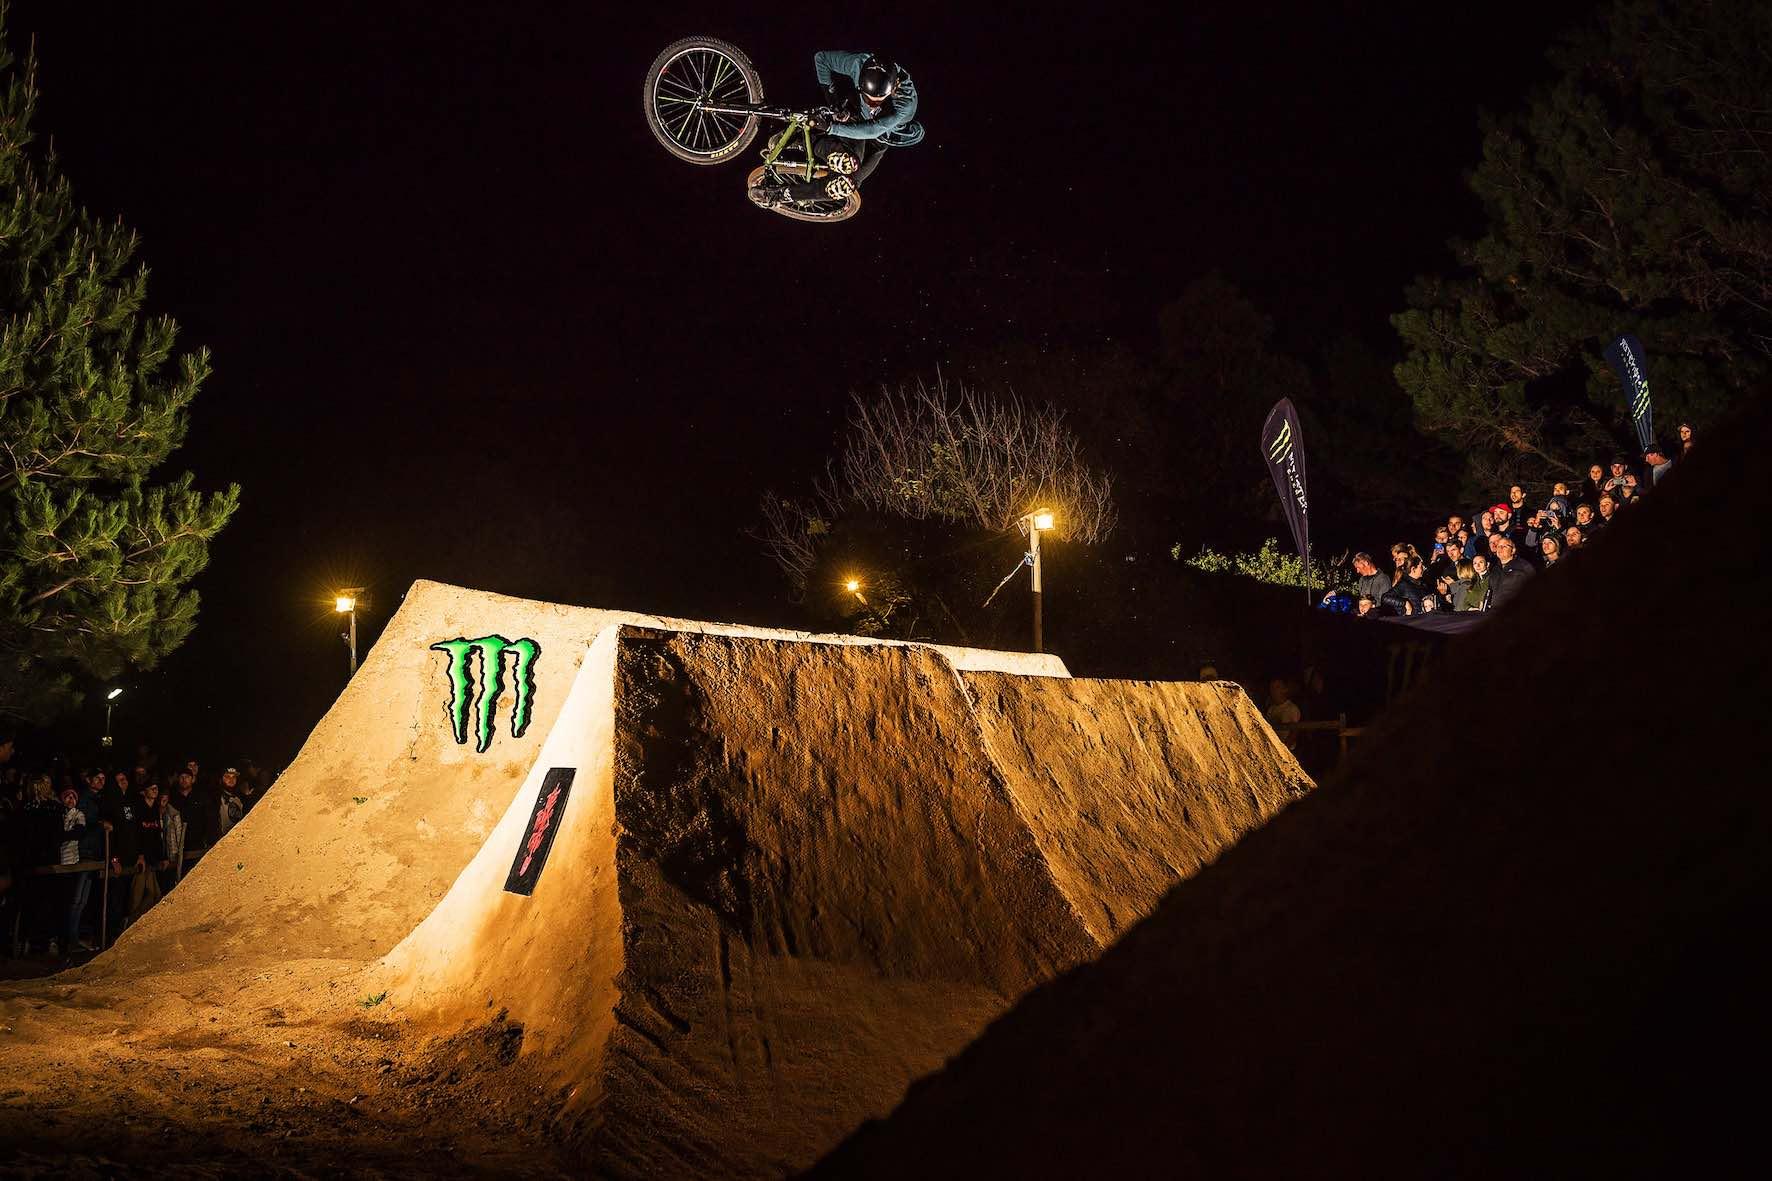 Matt Macduff taking 2nd place in The Night Harvest 2019 MTB dirt jump contest